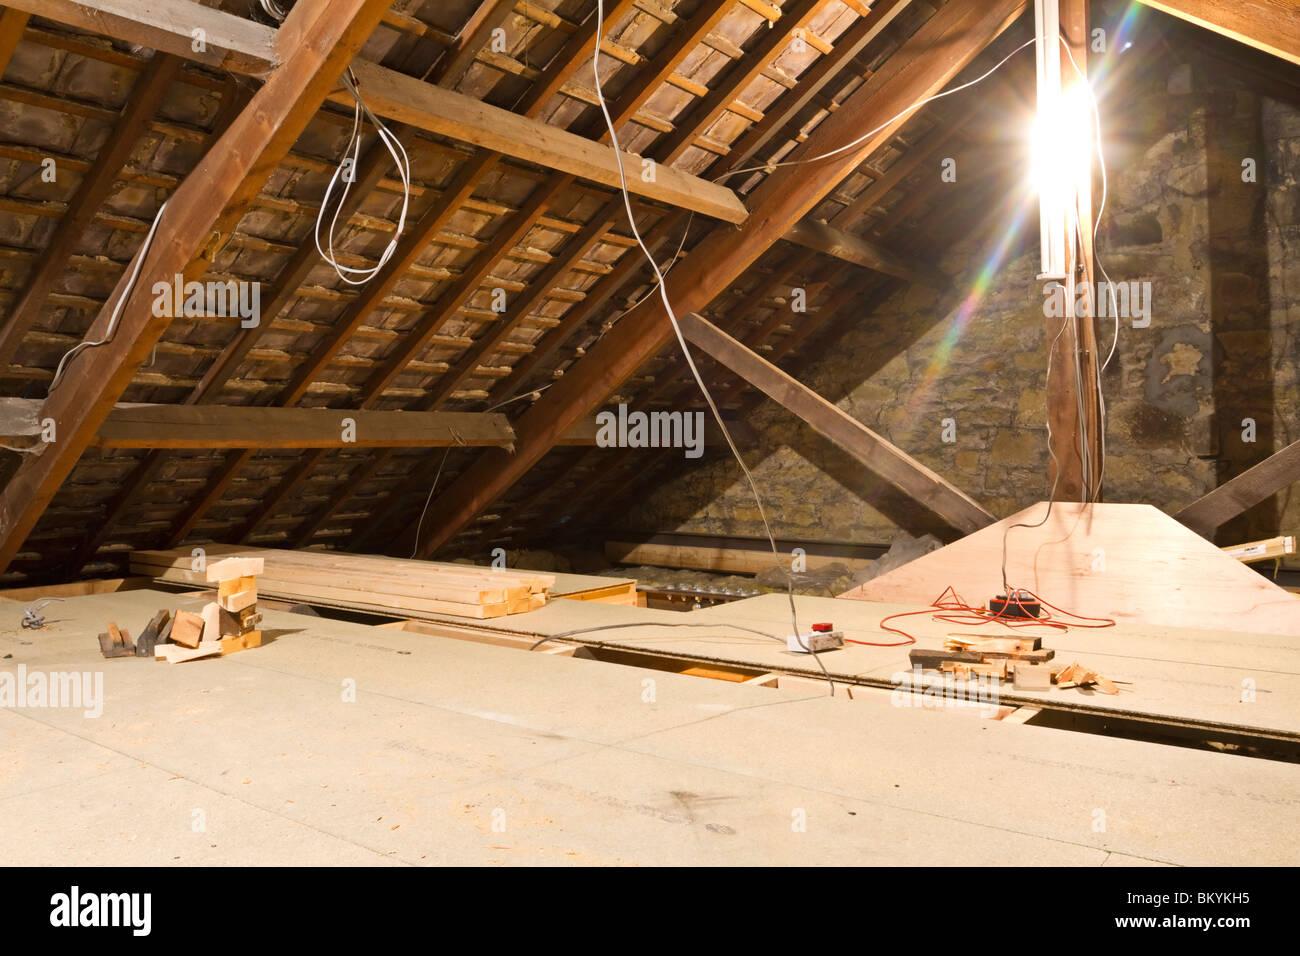 Loft Conversion In Progress In An Edwardian Terraced House